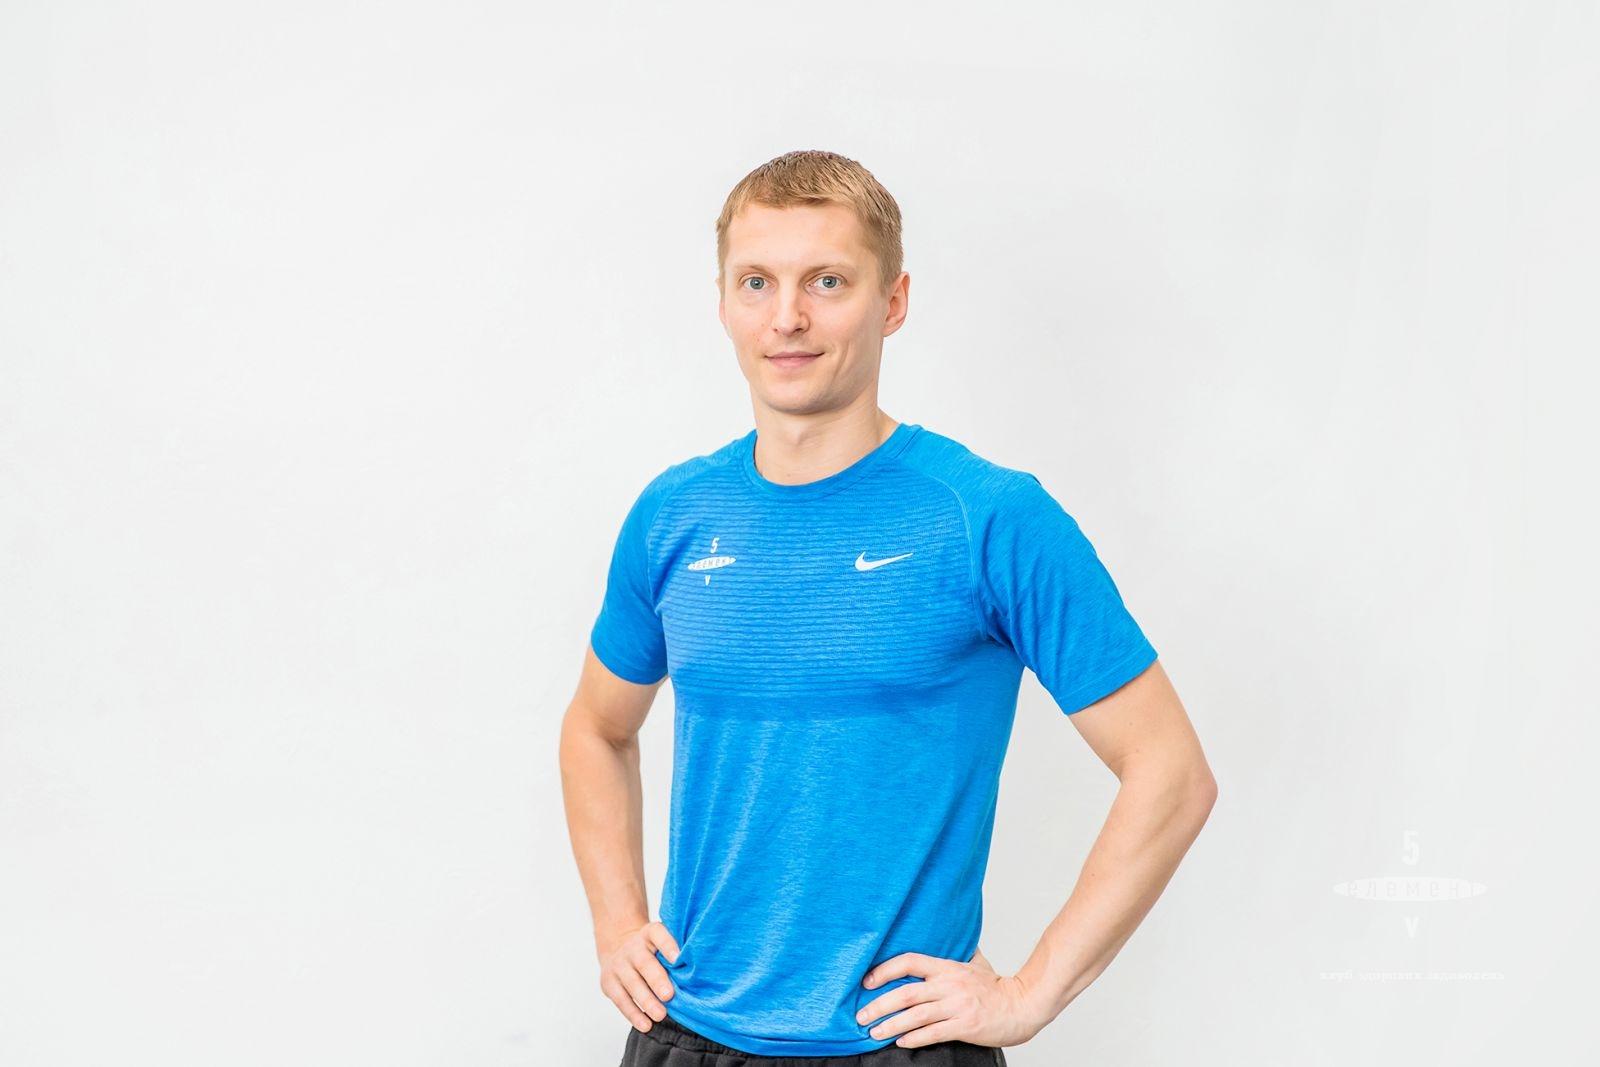 Евгений Прищепа победил в личном разряде чемпионата Украины 2021.— фитнес-клуб 5 элемент